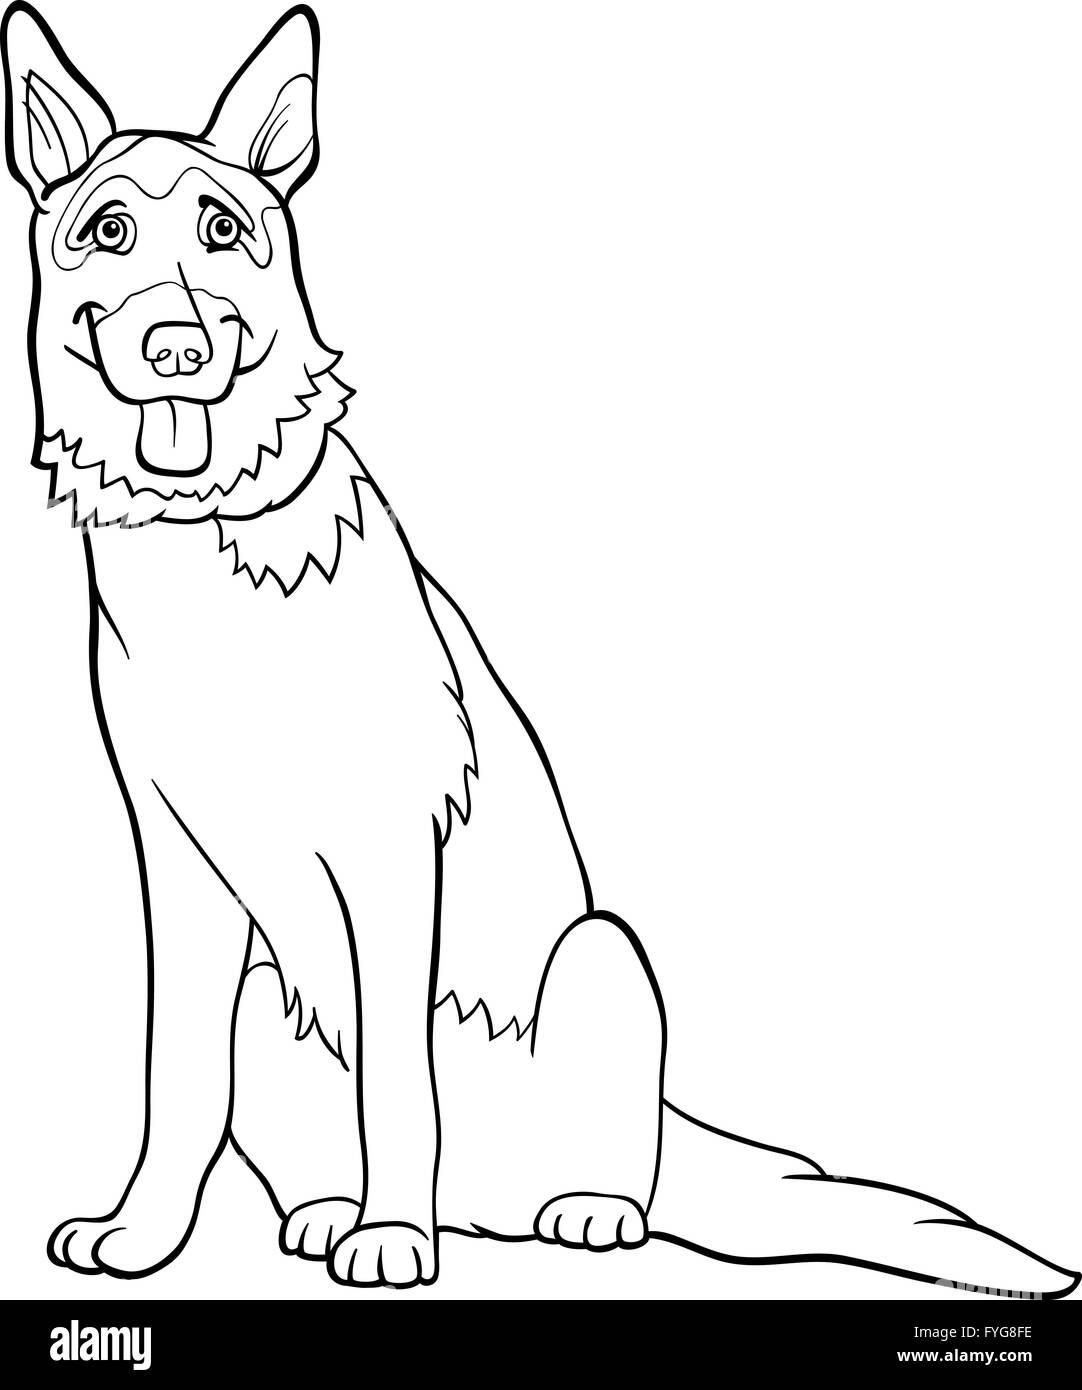 24 Schäferhund Zum Ausmalen - Besten Bilder von ausmalbilder